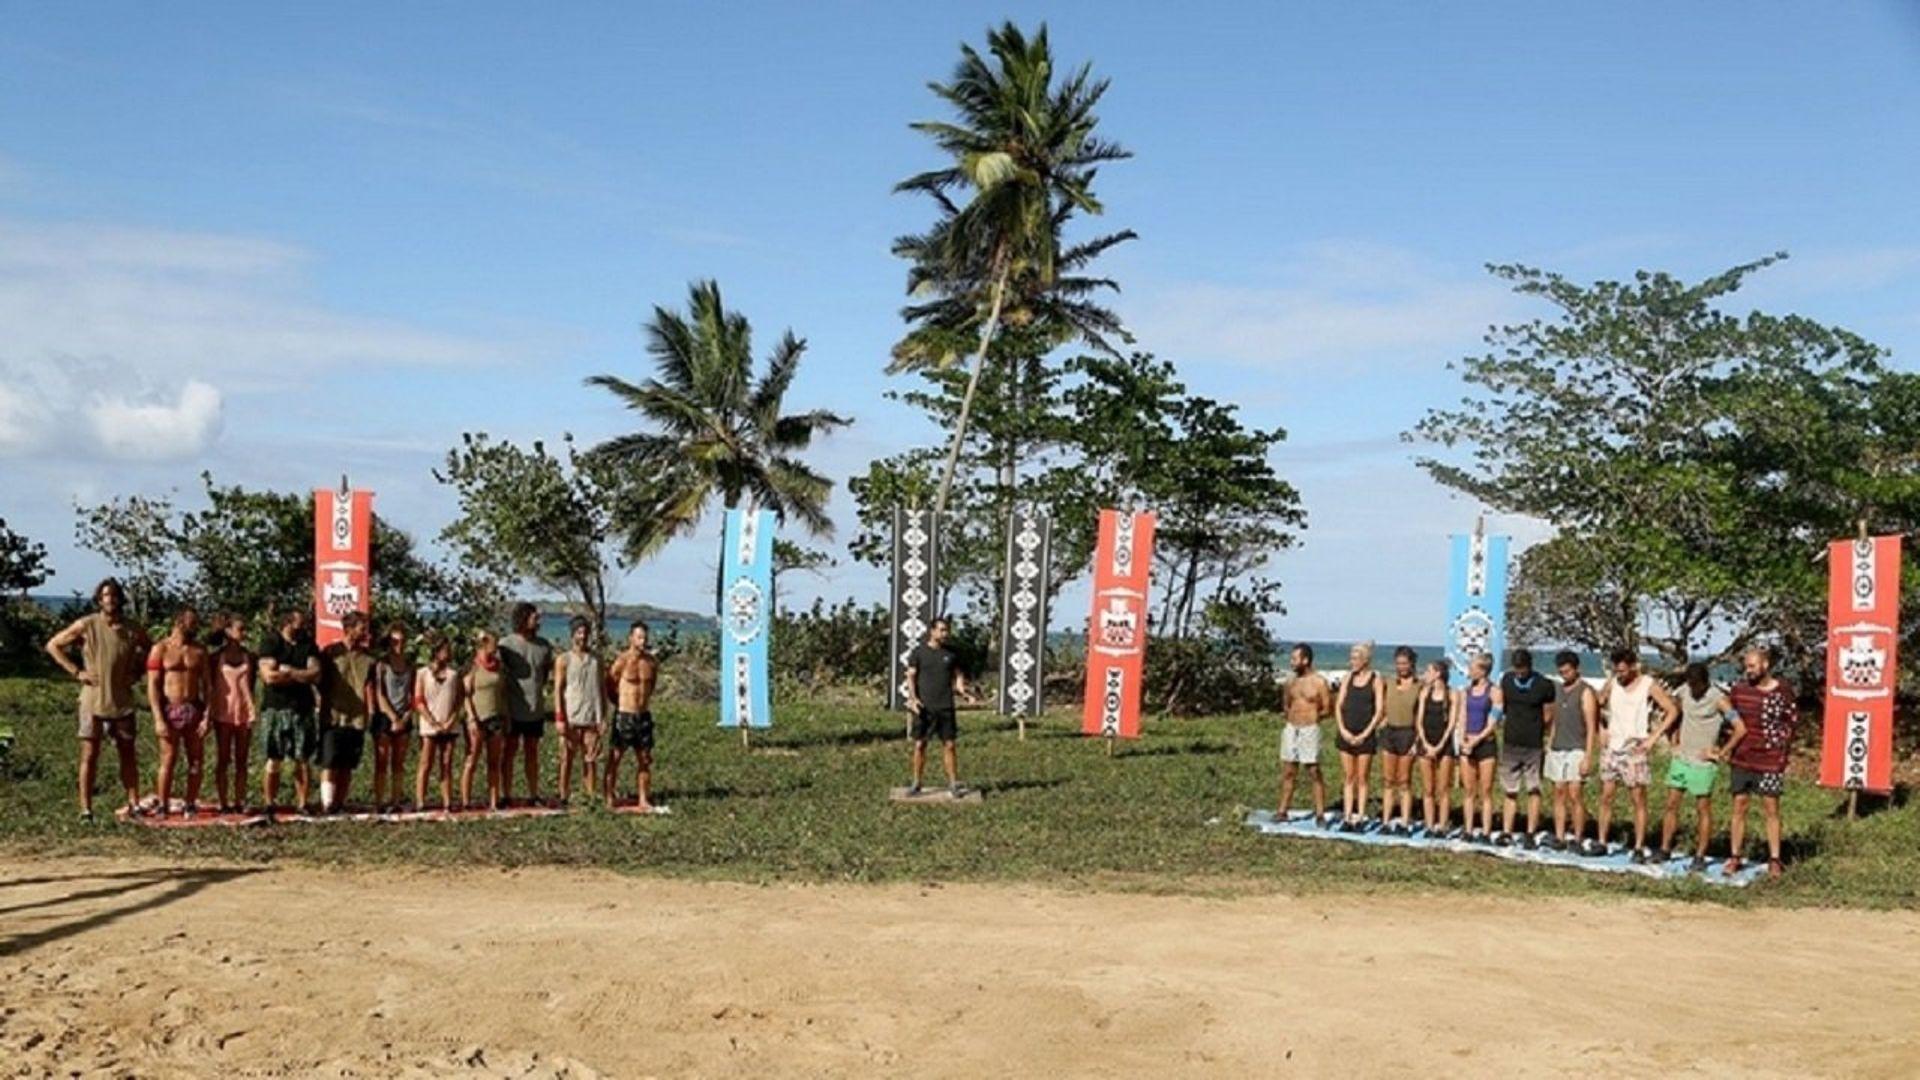 Season 04, Episode 01 Dominican Republic: Episode 1